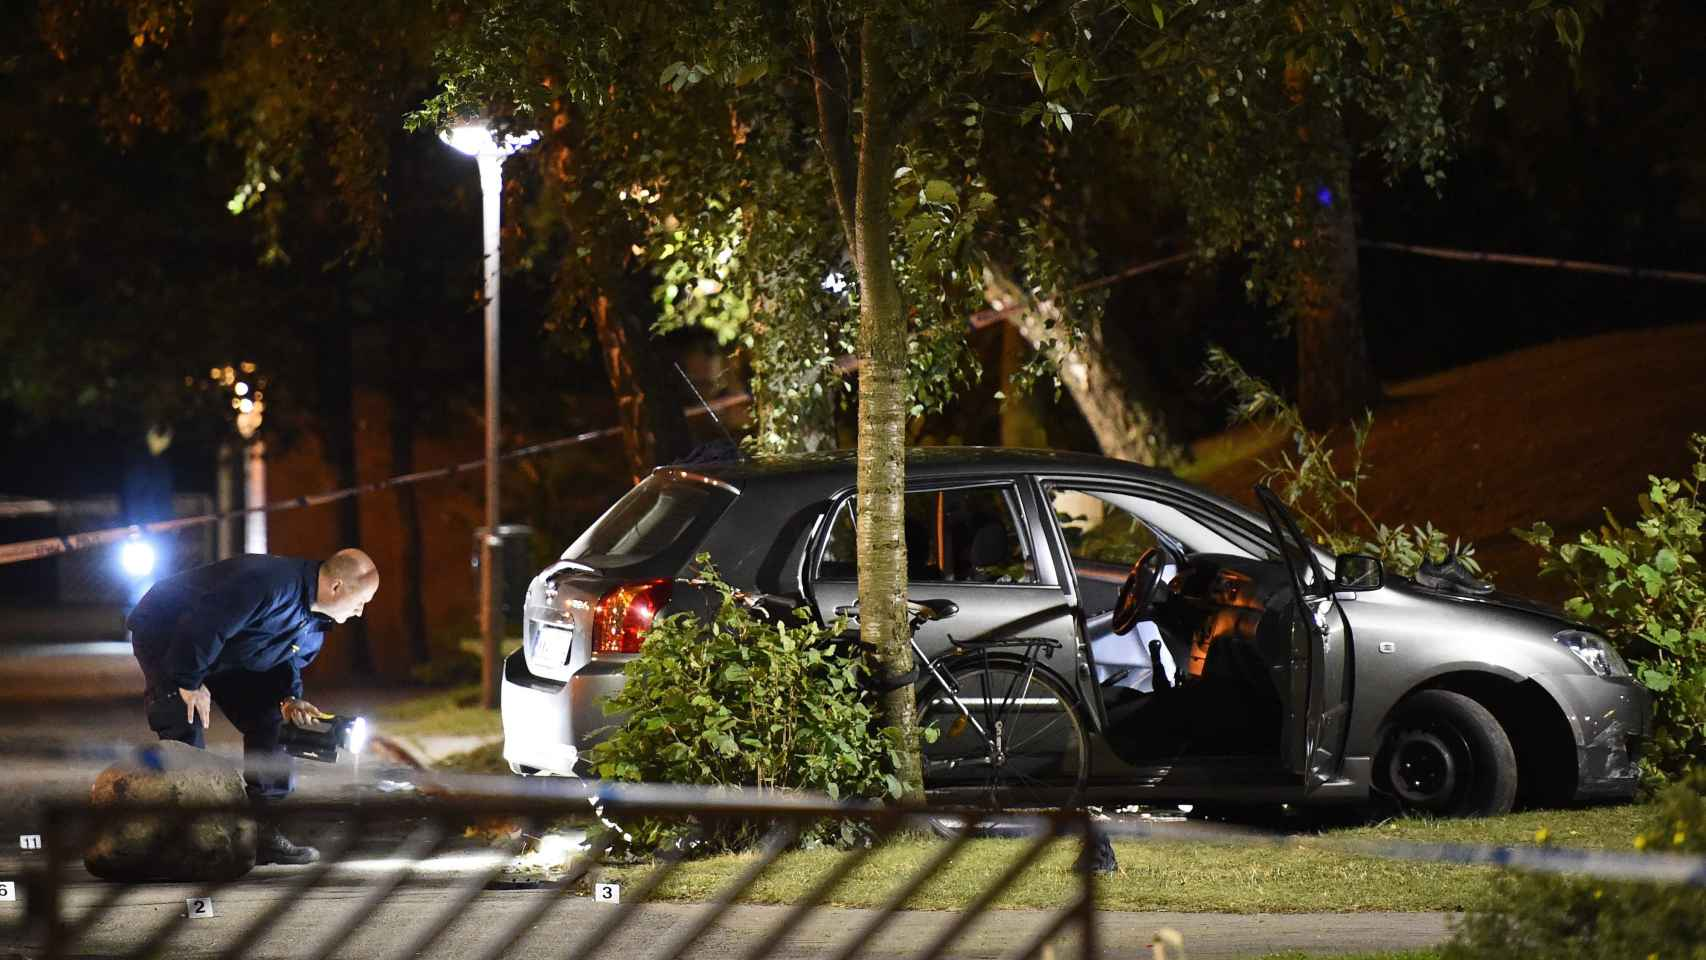 La policía inspecciona el vehículo tiroteado en Malmoe.